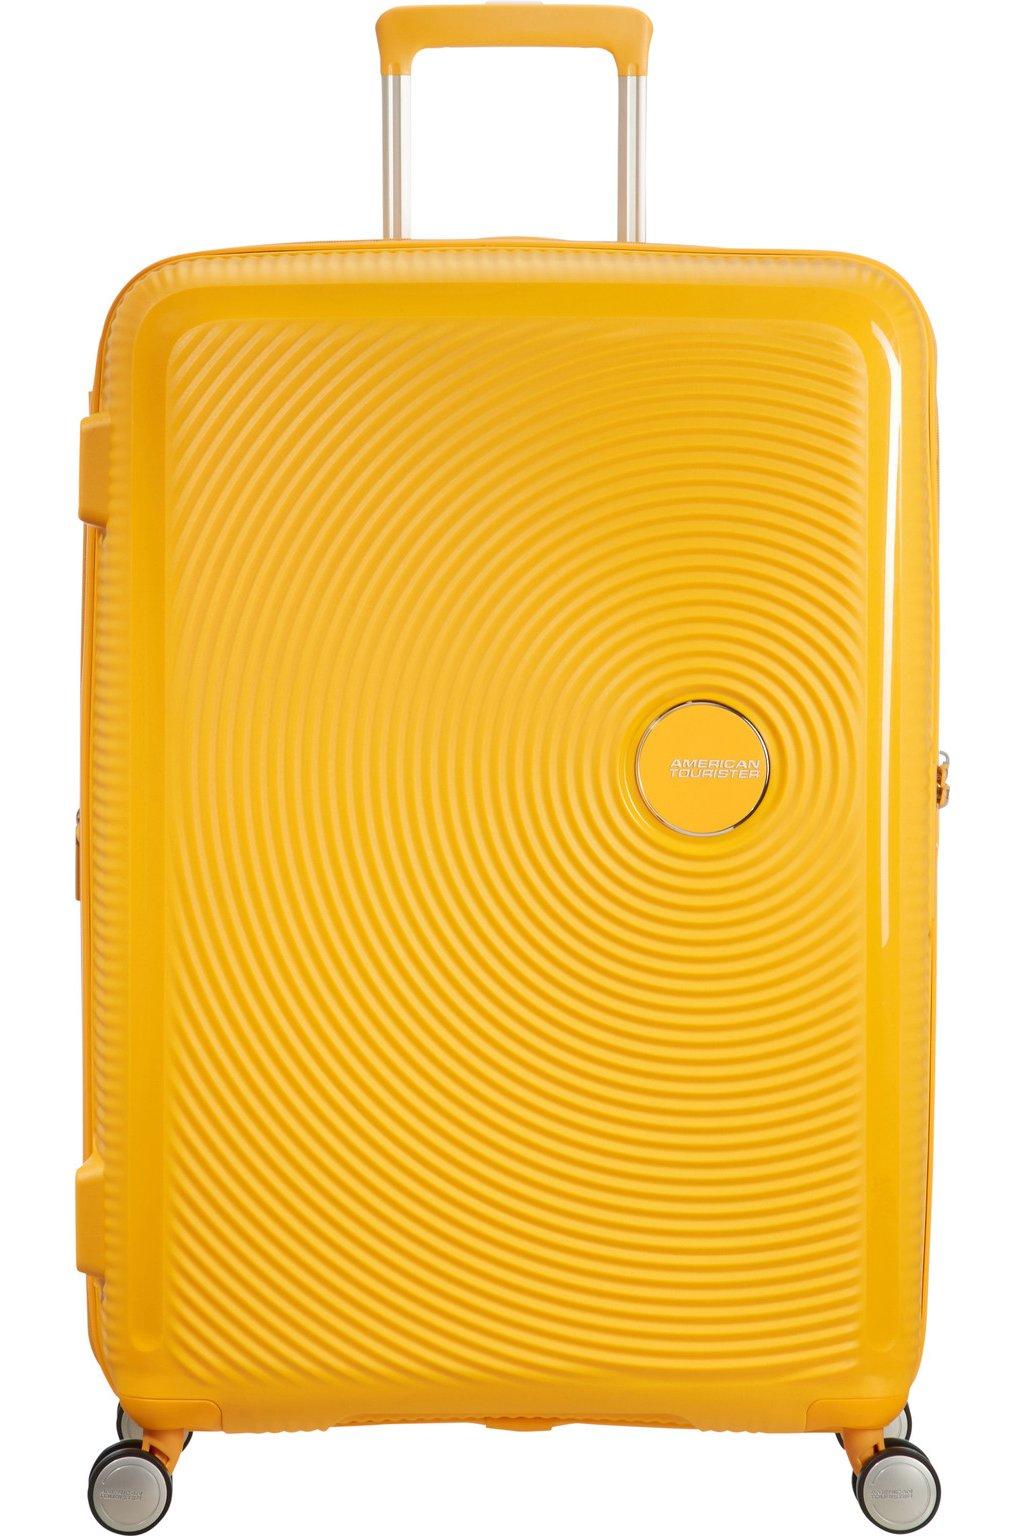 kufrland americantourister soudbox yellow 1